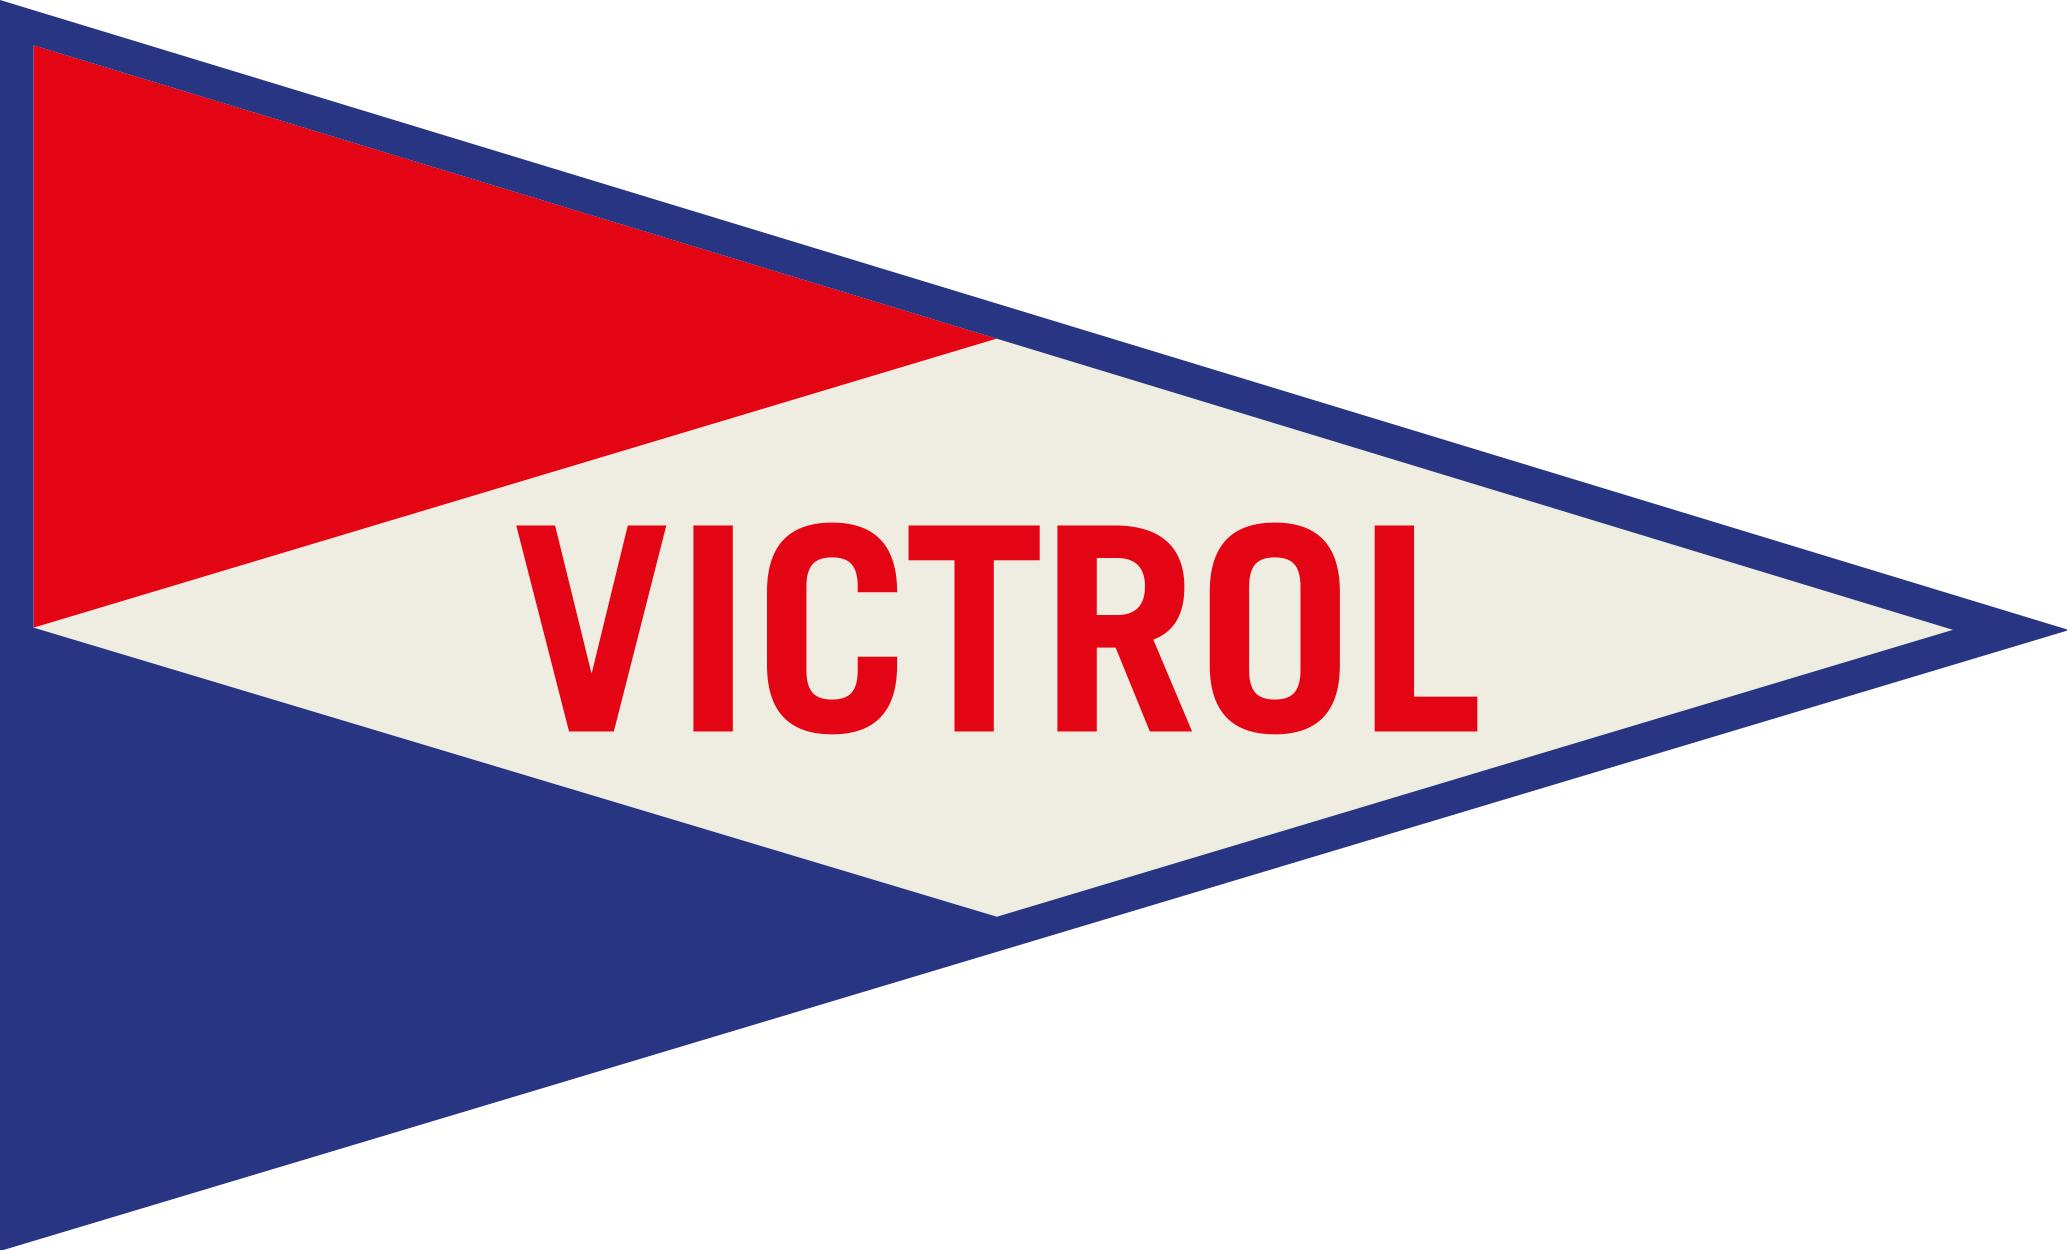 Victrol